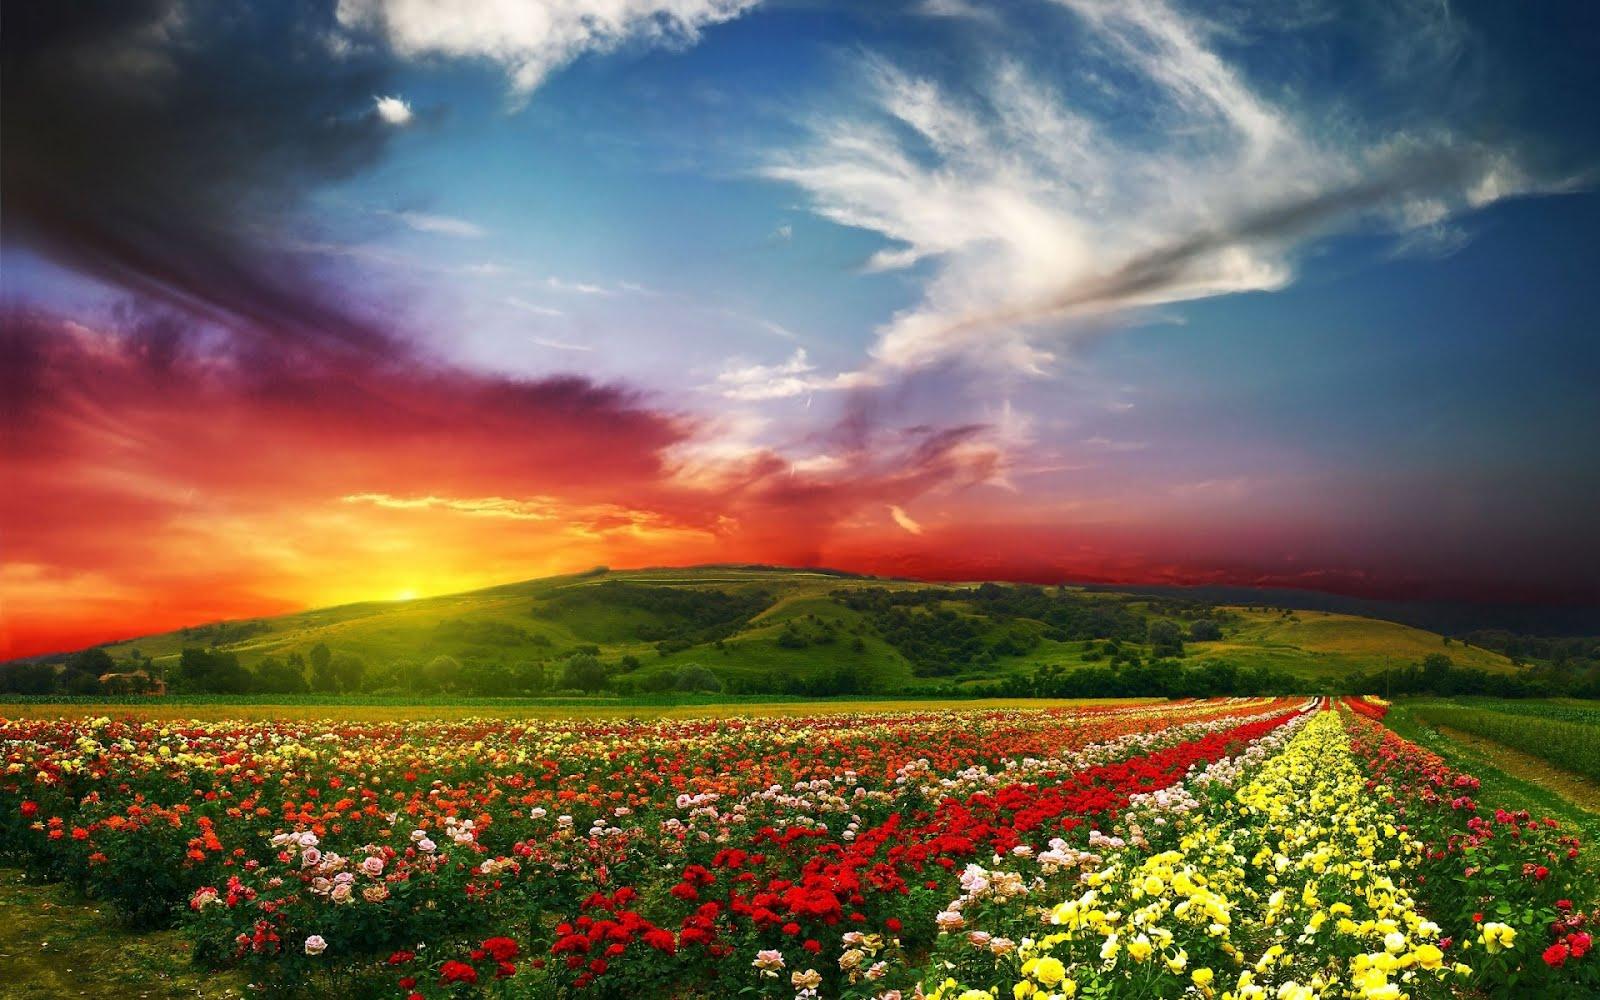 http://3.bp.blogspot.com/-TrN1mSDJekA/Tz1o_HfTHGI/AAAAAAAAwqs/W_0eVg0Pl8w/s1600/lovely-nature-landscape-1920x1200-campo-de-flores-paisaje.jpg